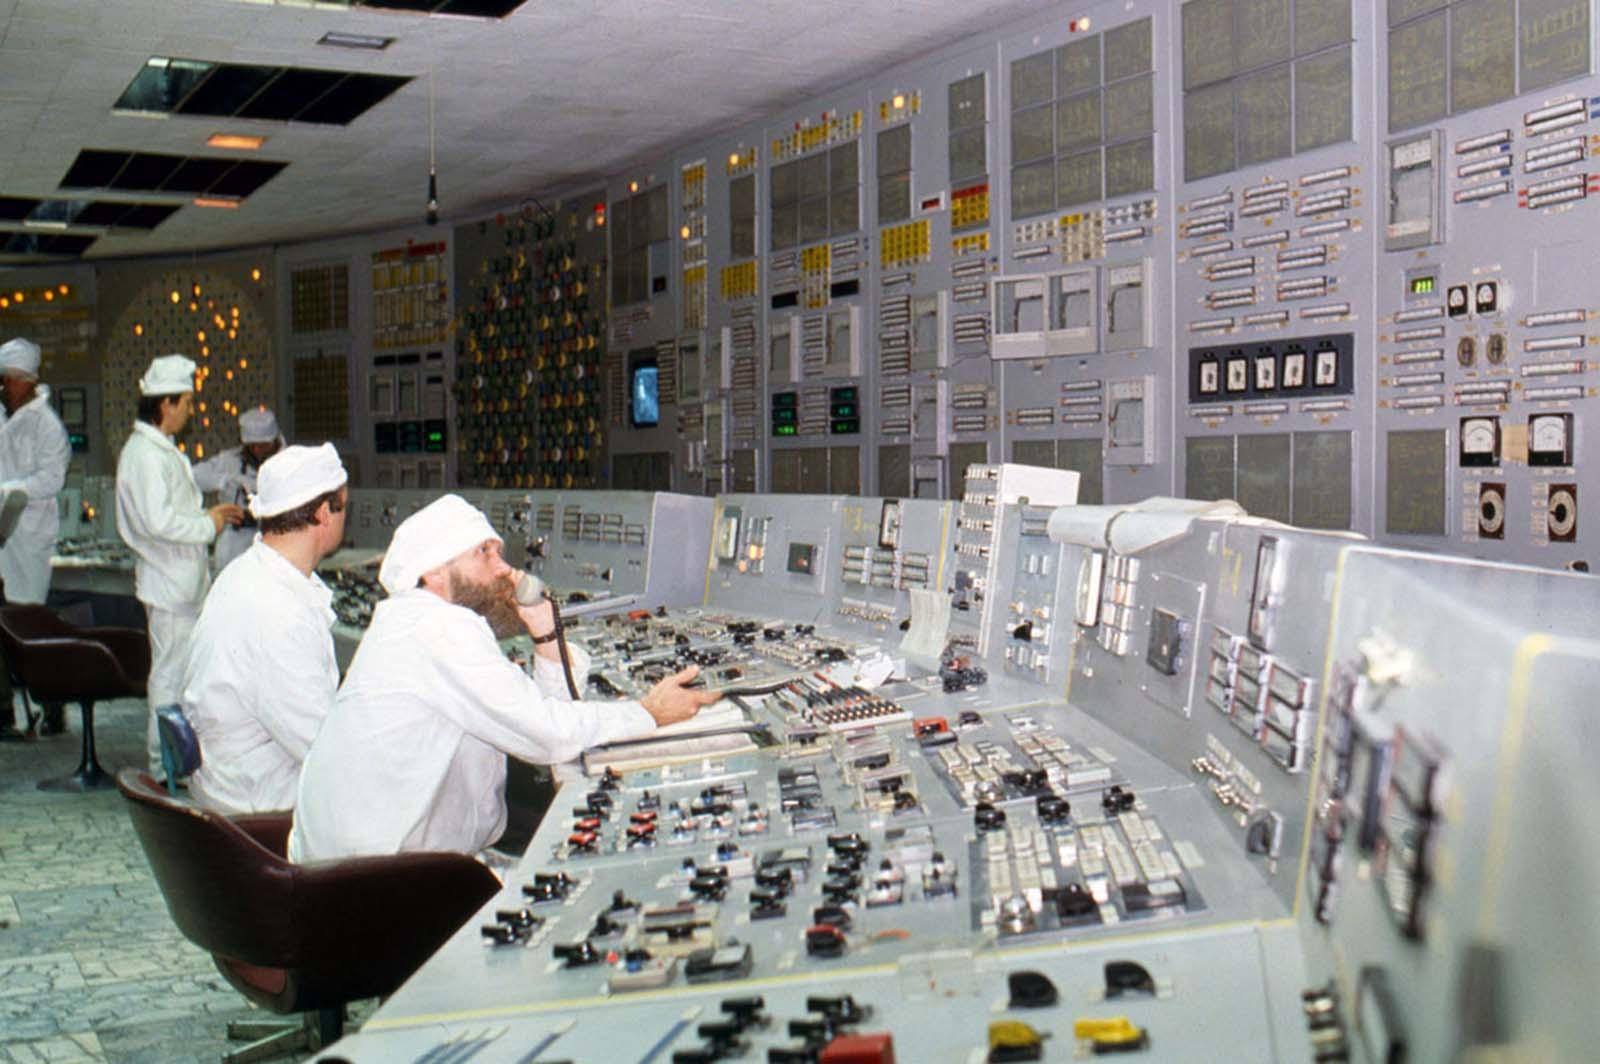 Descubra o que é verdade e o que é ficção em Chernobyl